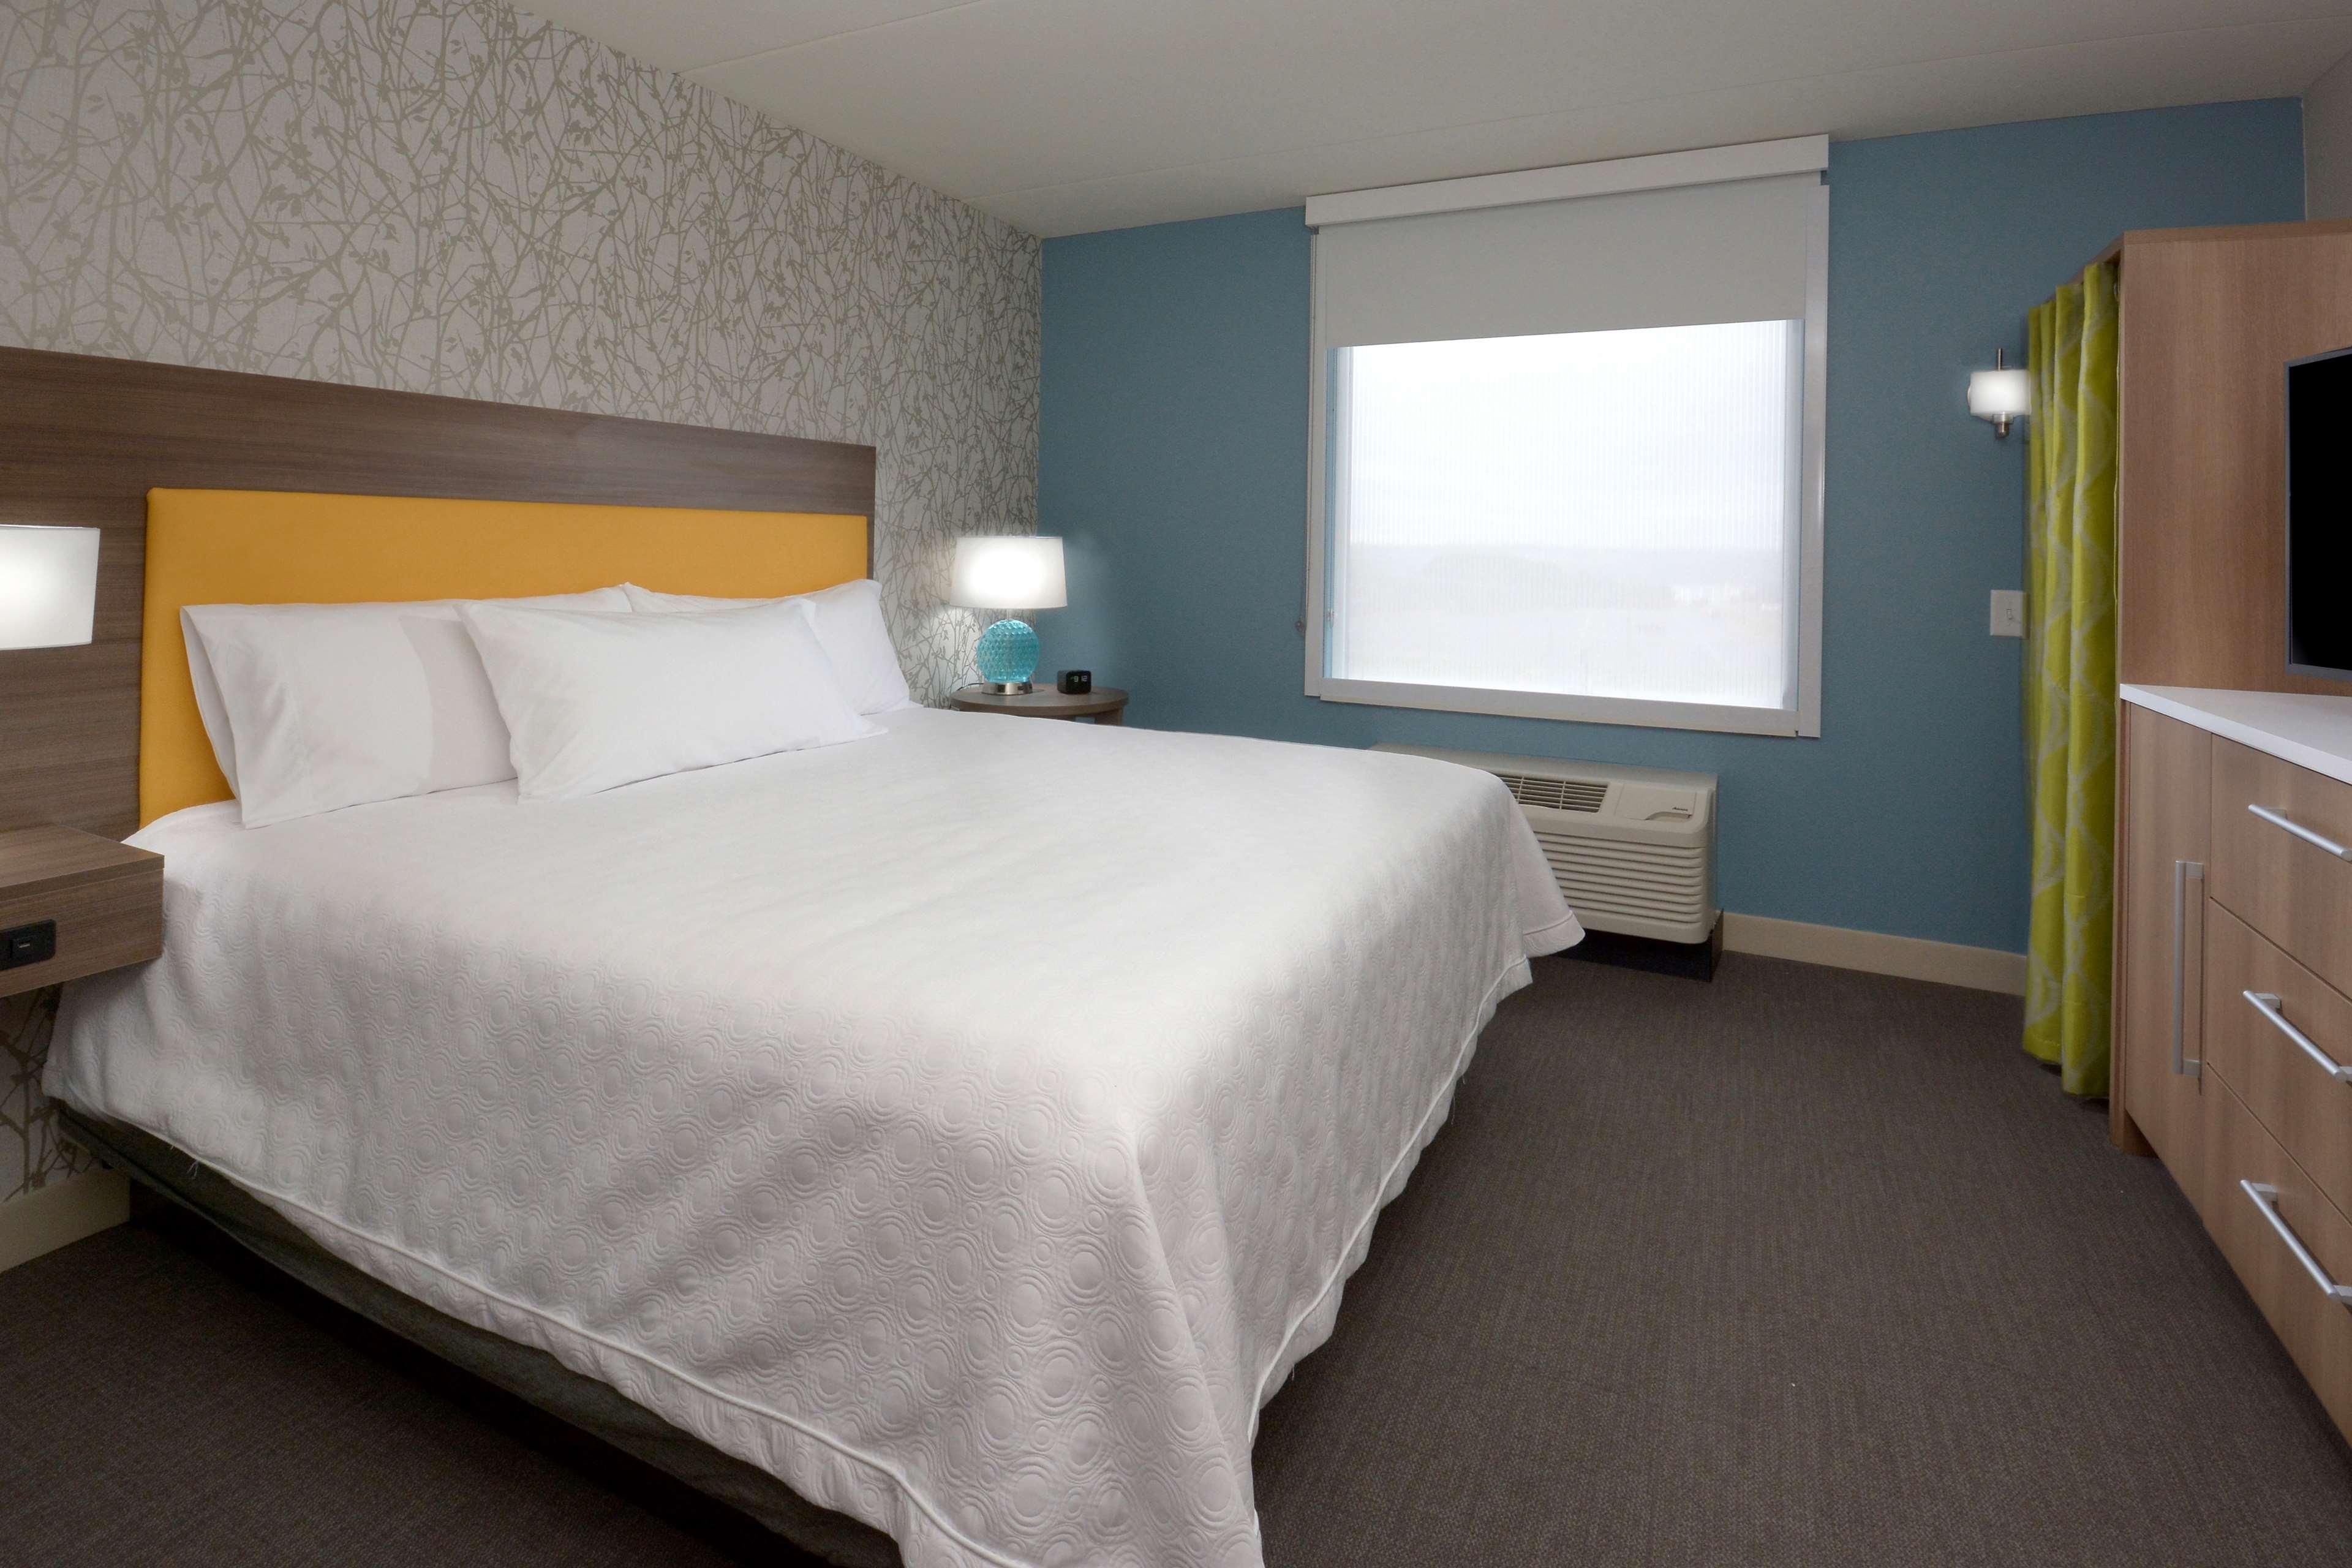 Home2 Suites by Hilton Duncan image 18